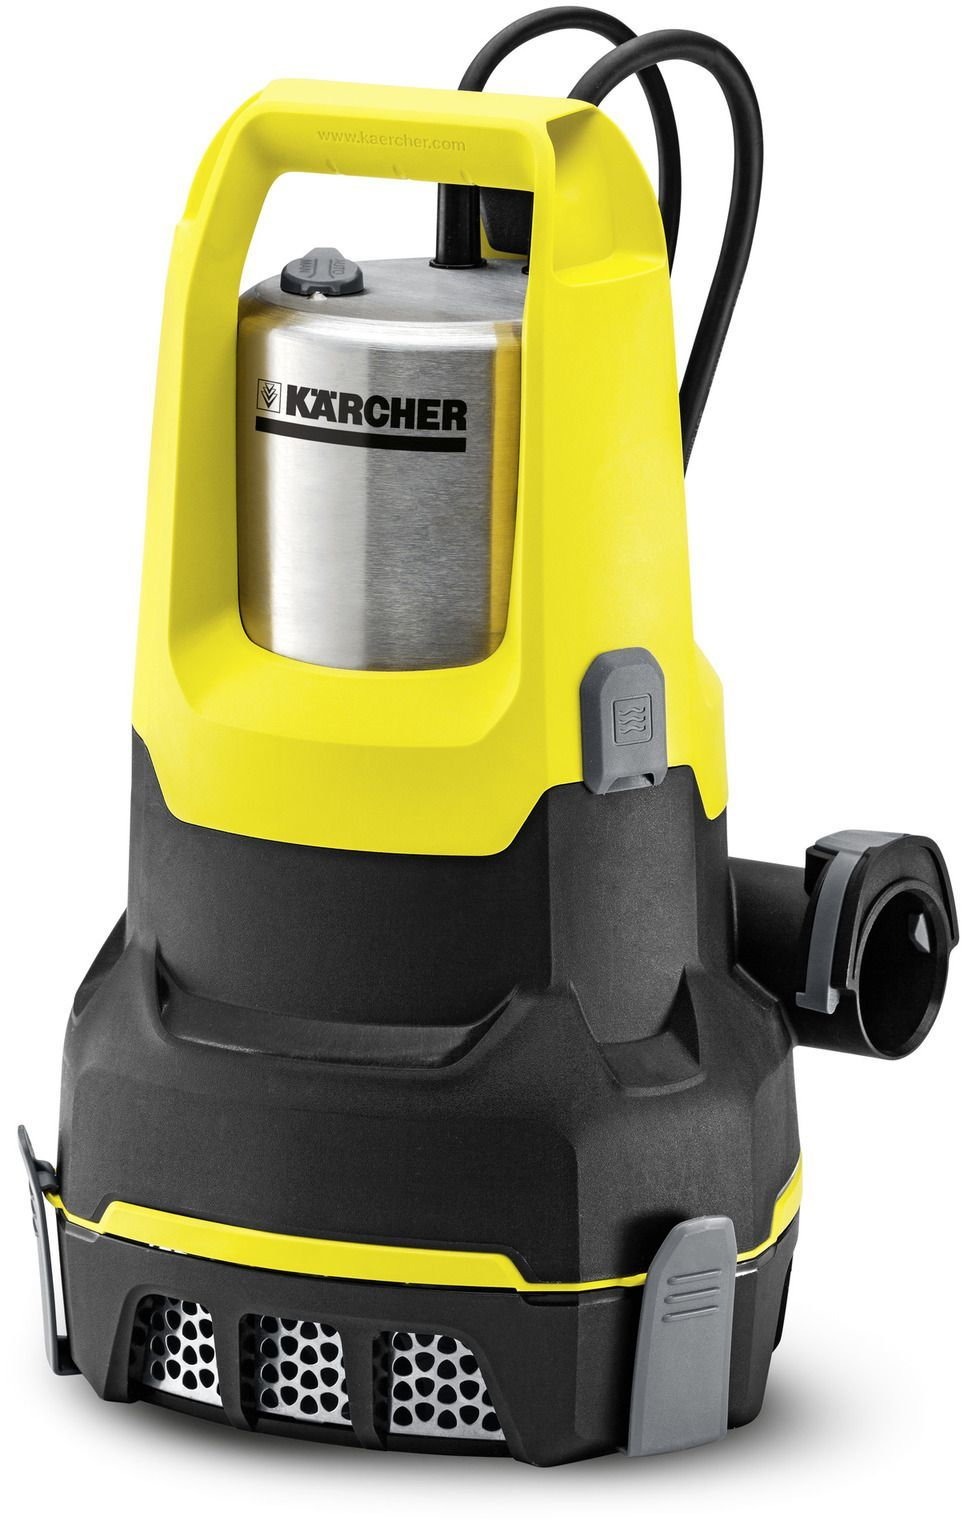 Karcher Pompa zatapialna SP 6 Flat Inox (1.645-505.0) 1